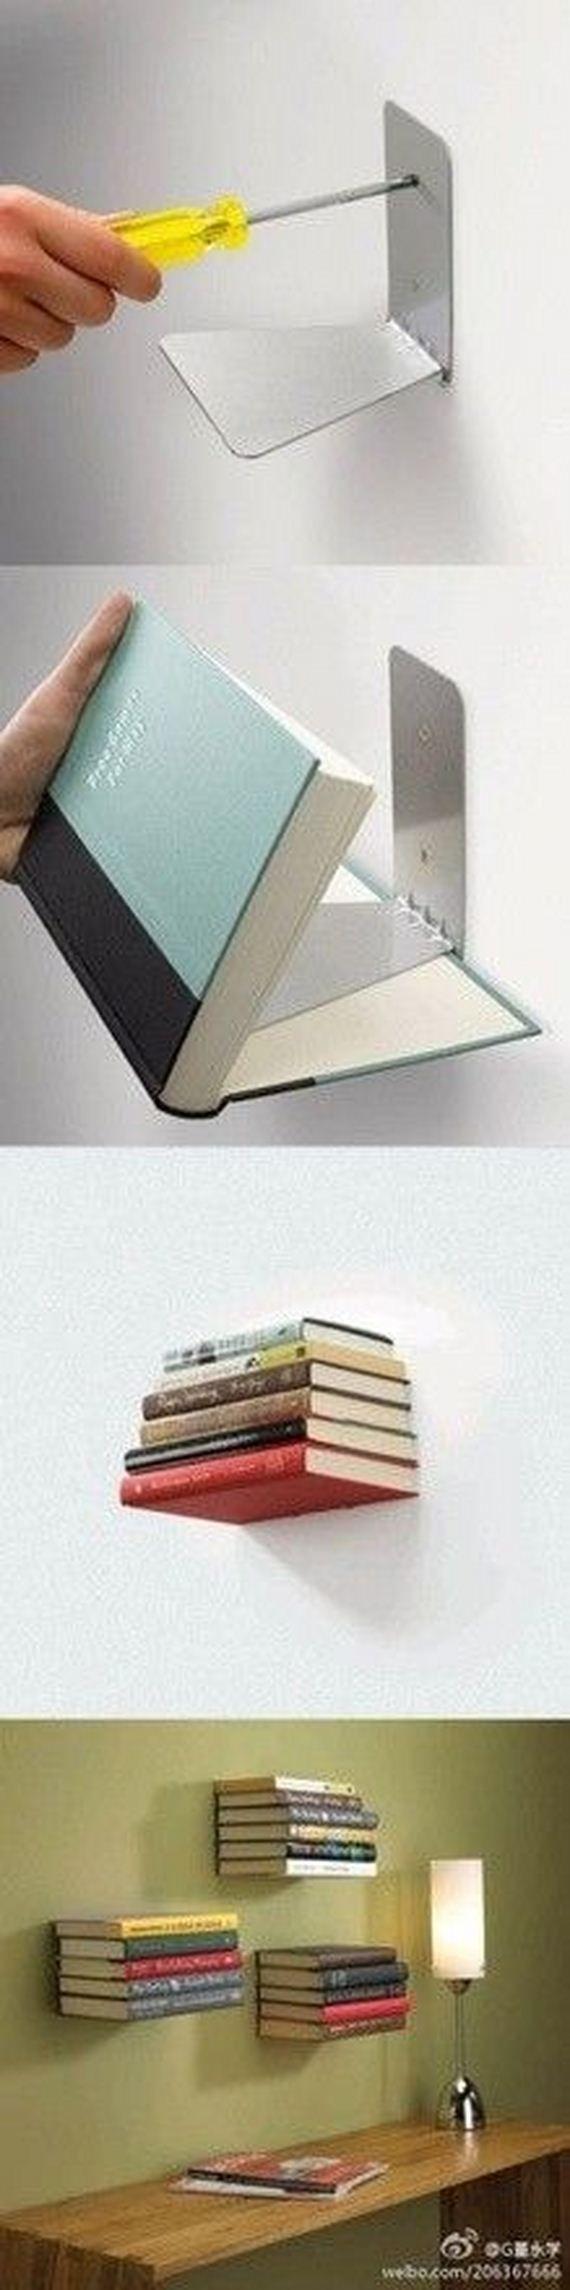 Book Shelves Dream Wedding Pinterest Book